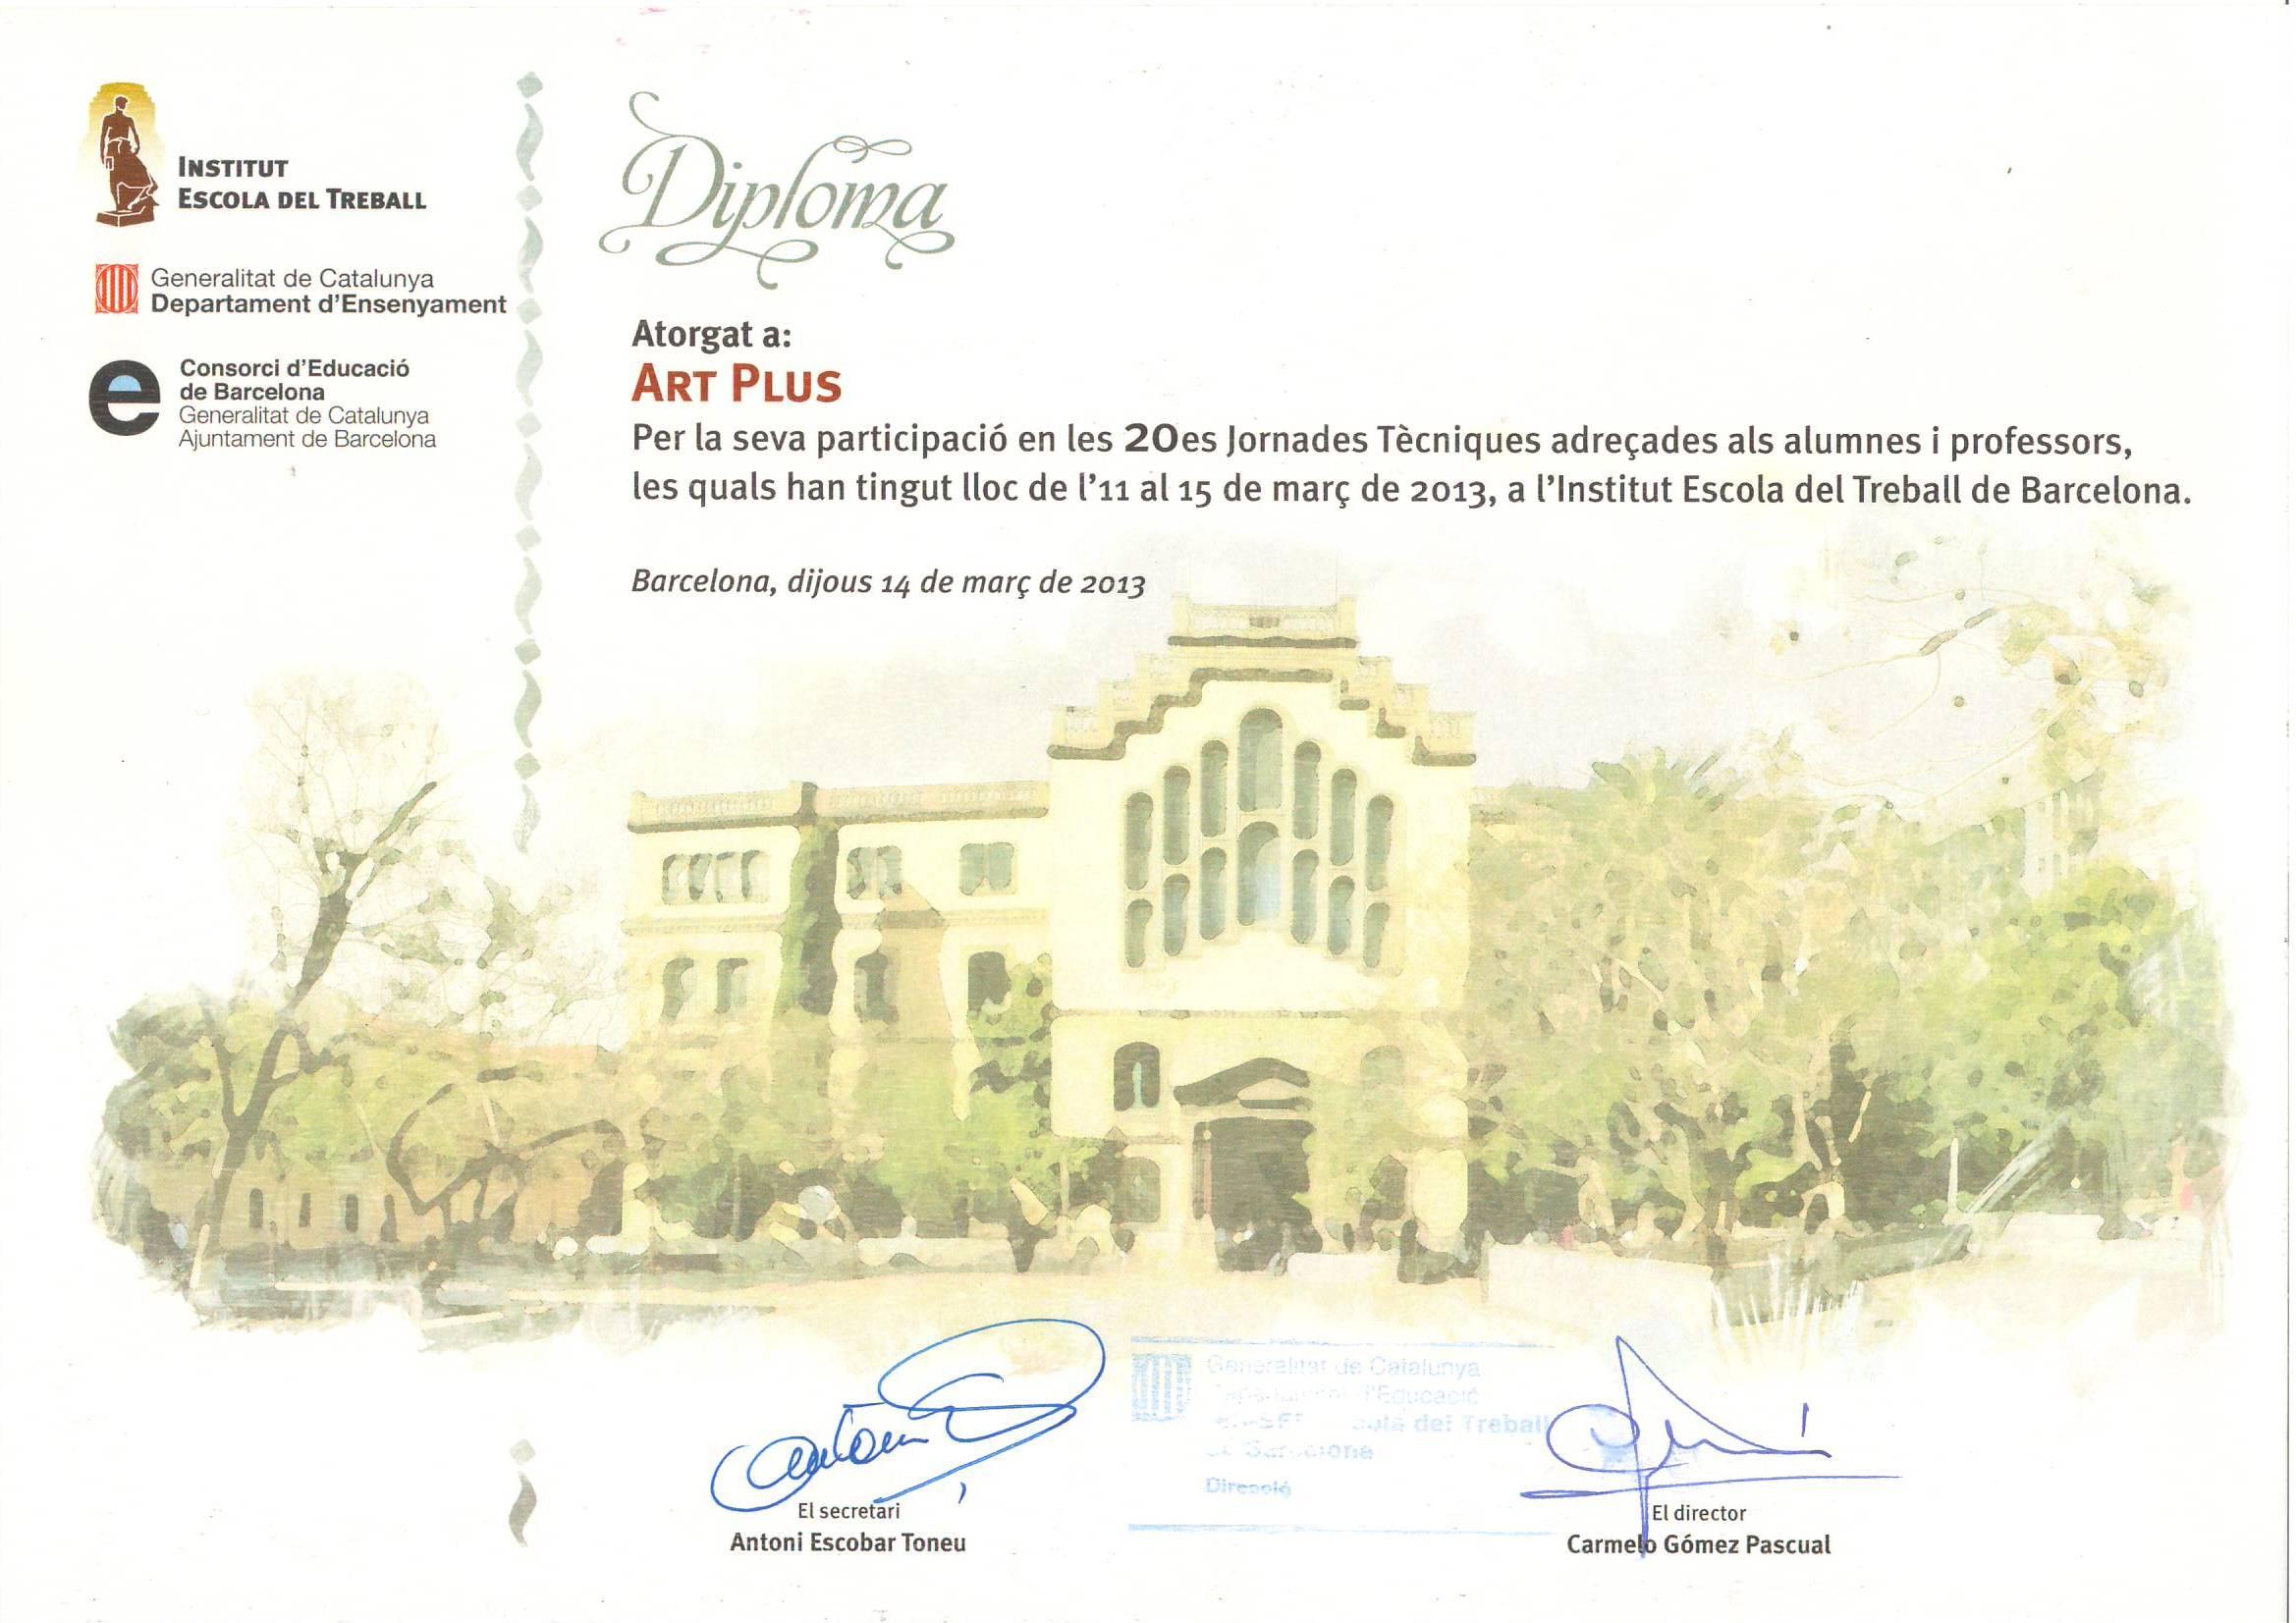 Diploma otorgado por la Escola del Treball a Art Plus por su participación en las XX Jornades Tècniques